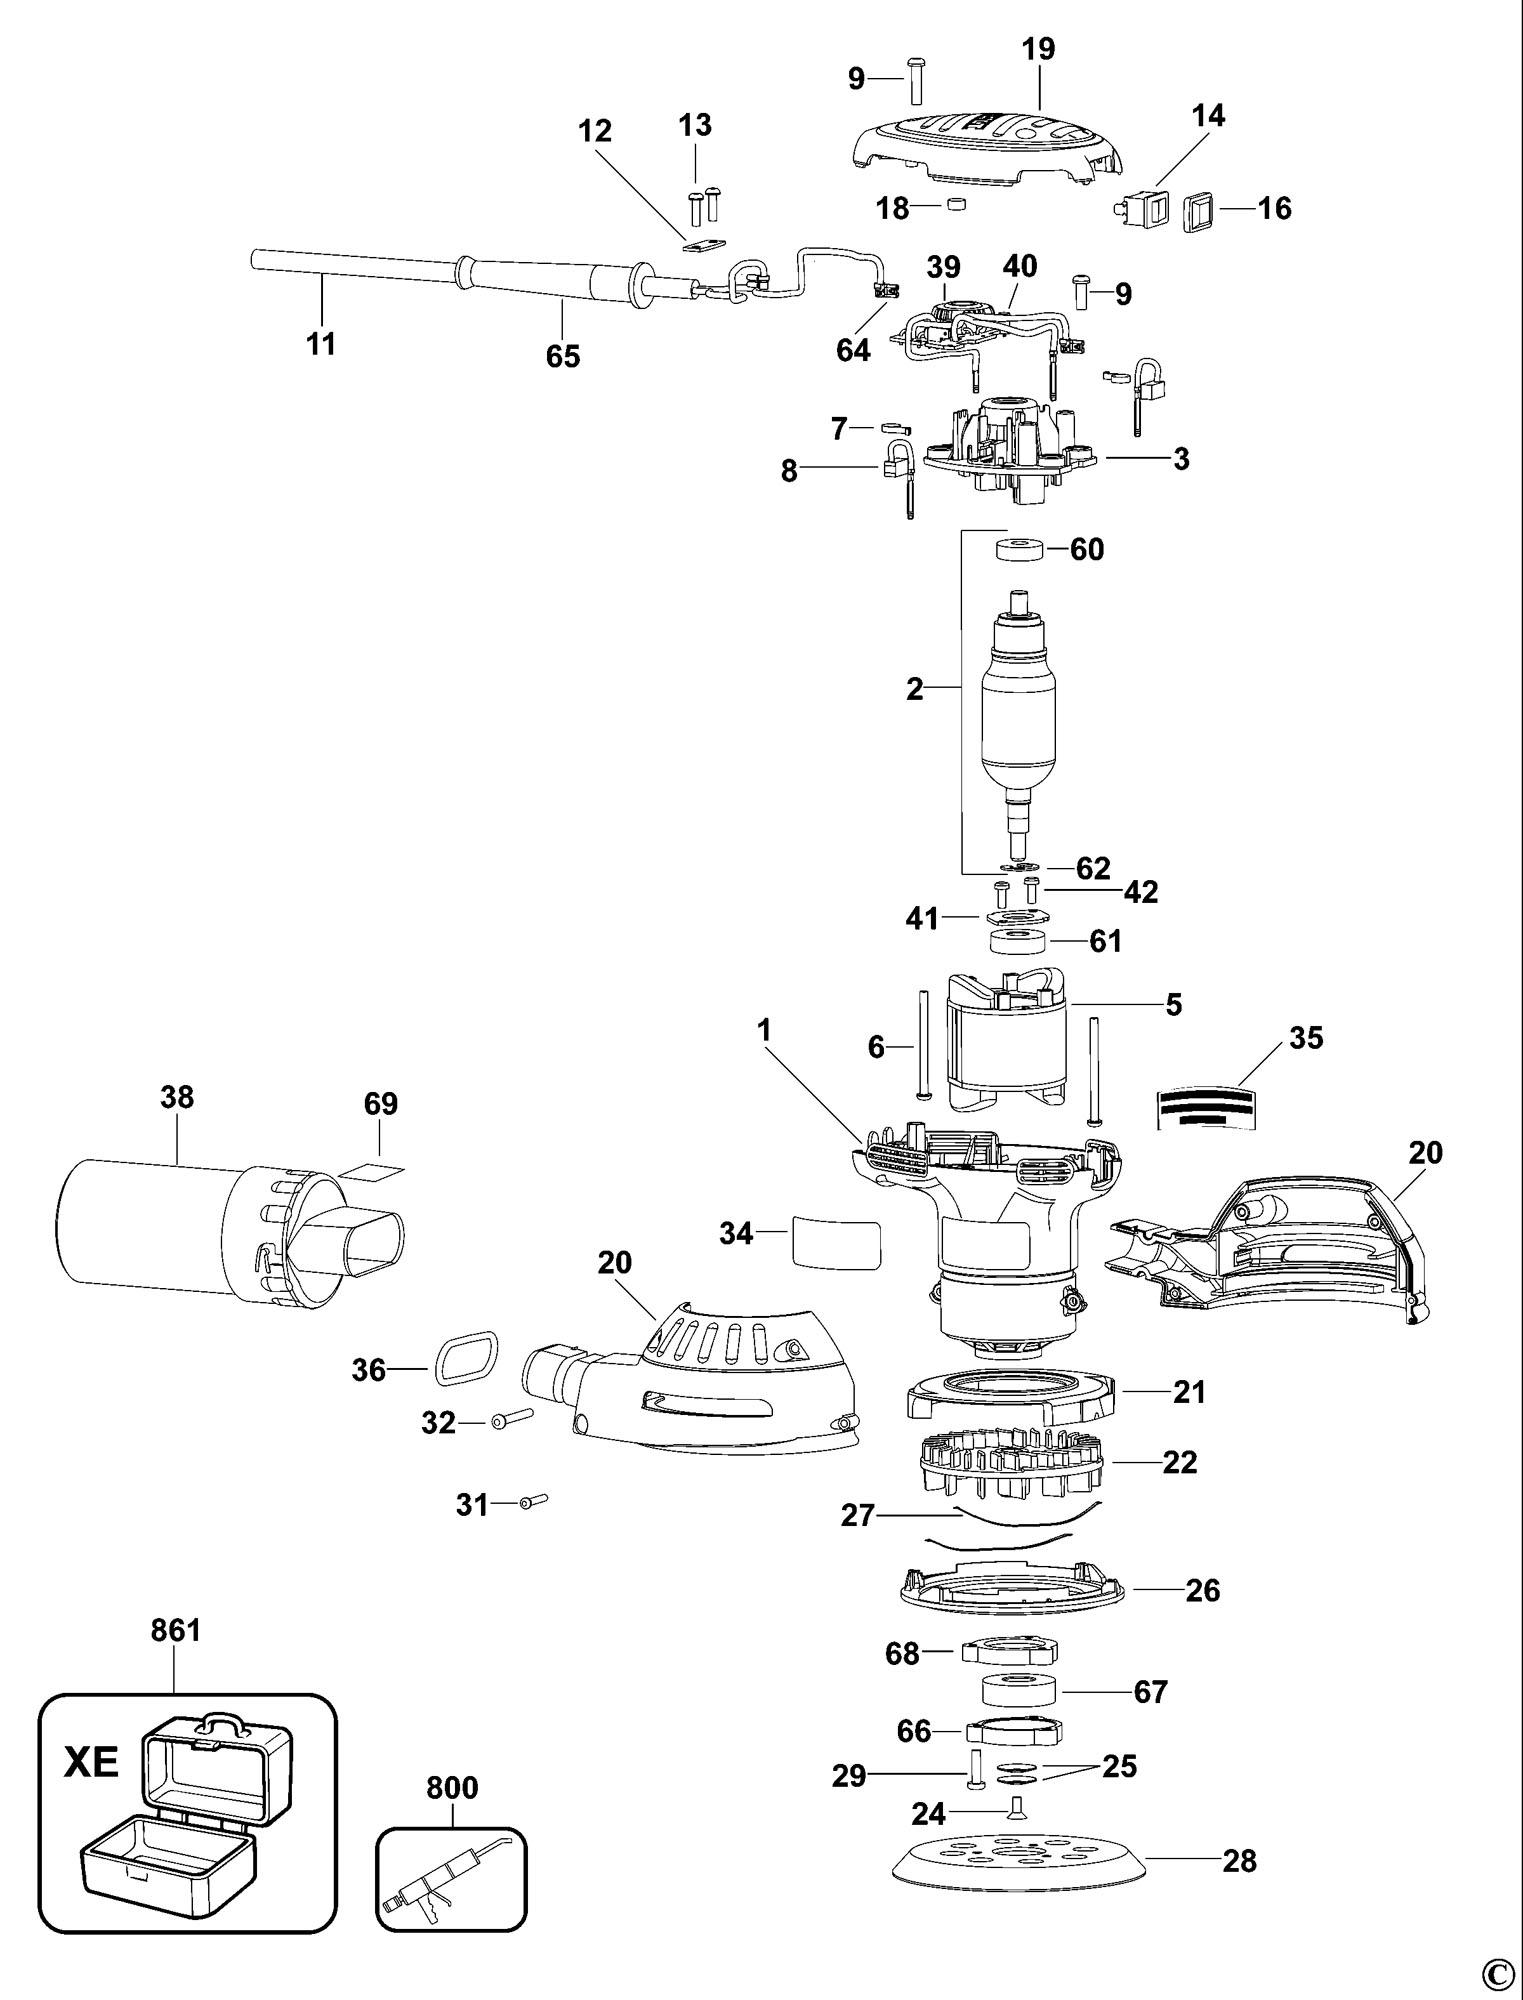 Dewalt Dwe7491rs Parts List And Diagram Type 1 Ereplacementparts